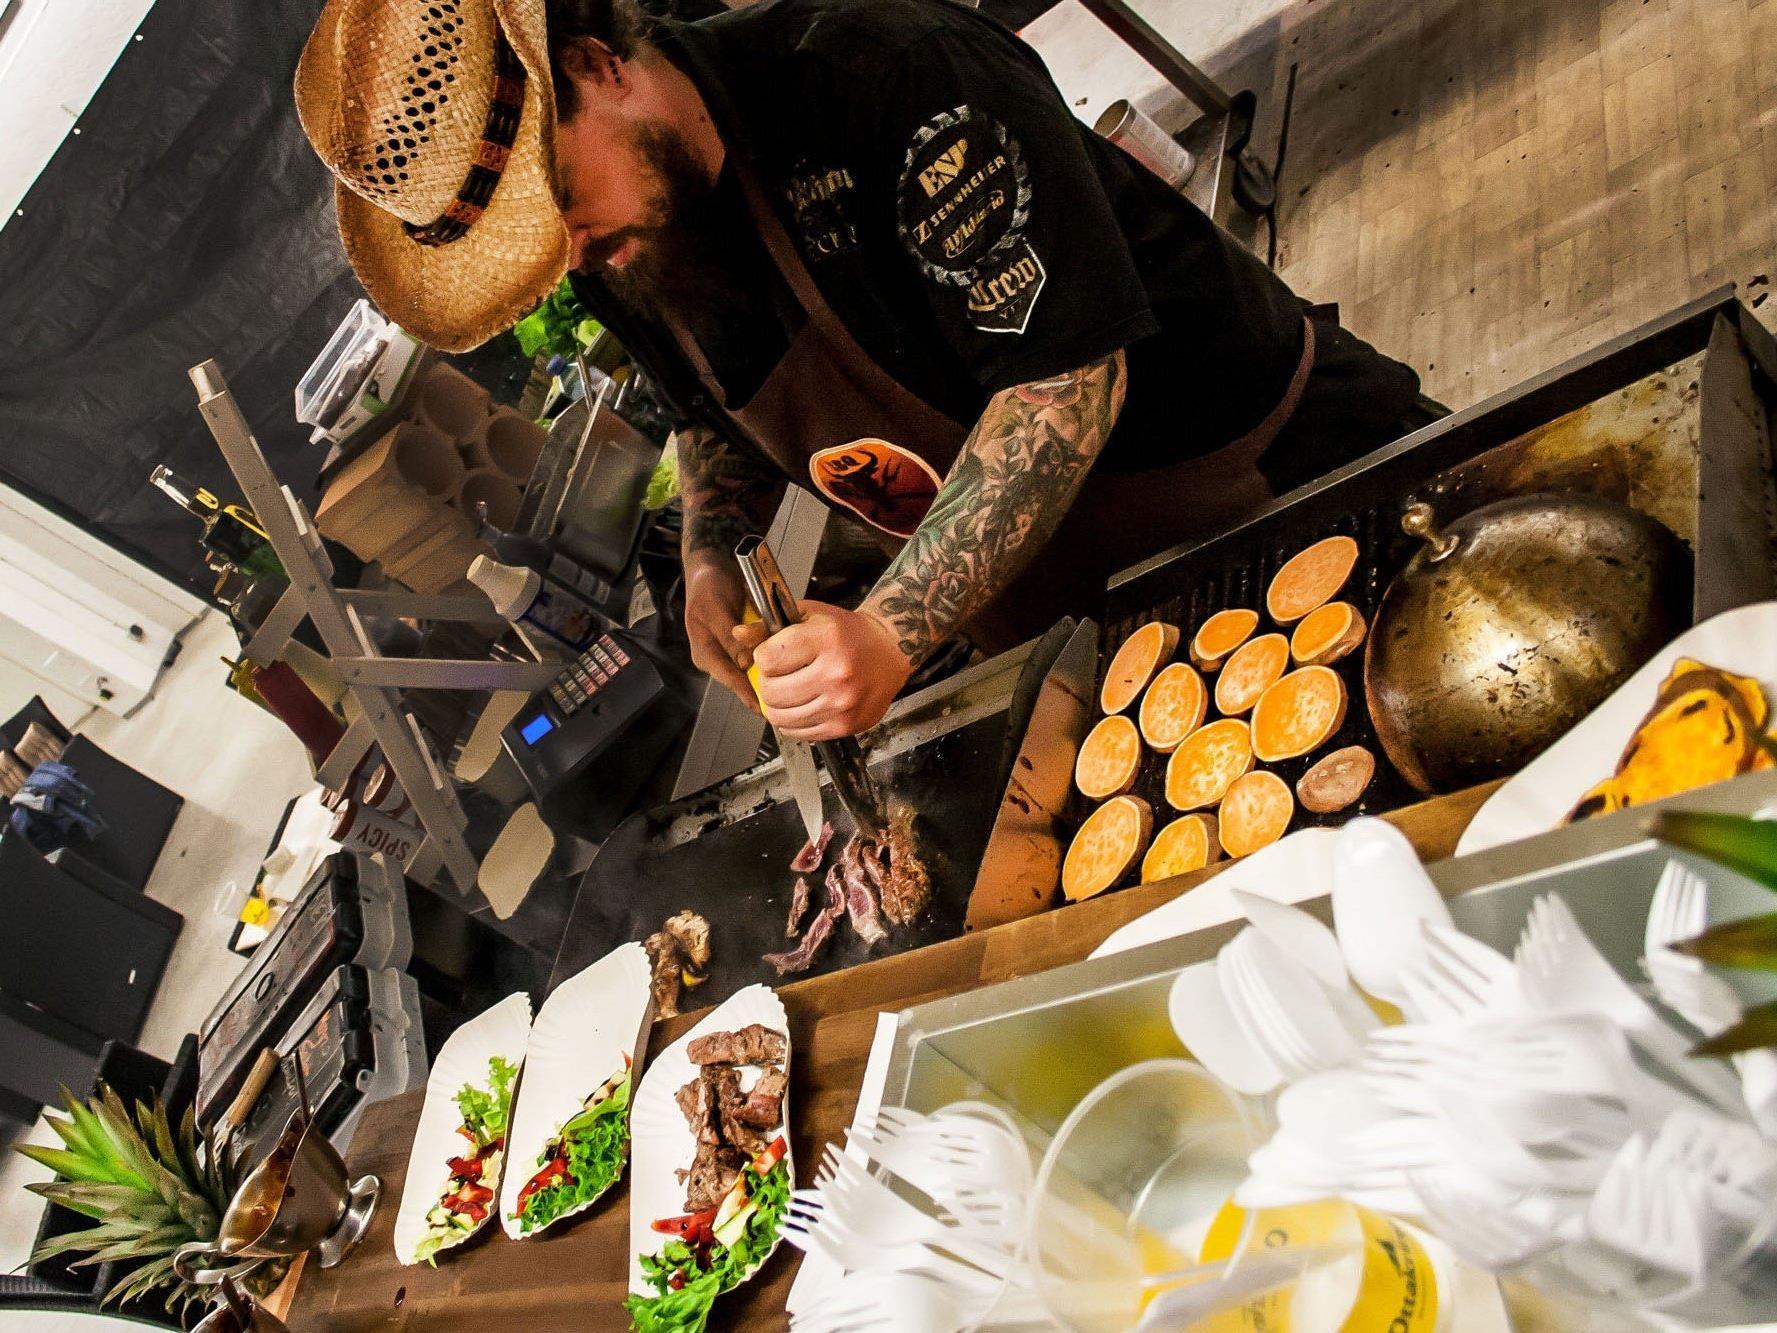 Die Speisen beim European Street Food Festival werden frisch zubereitet.